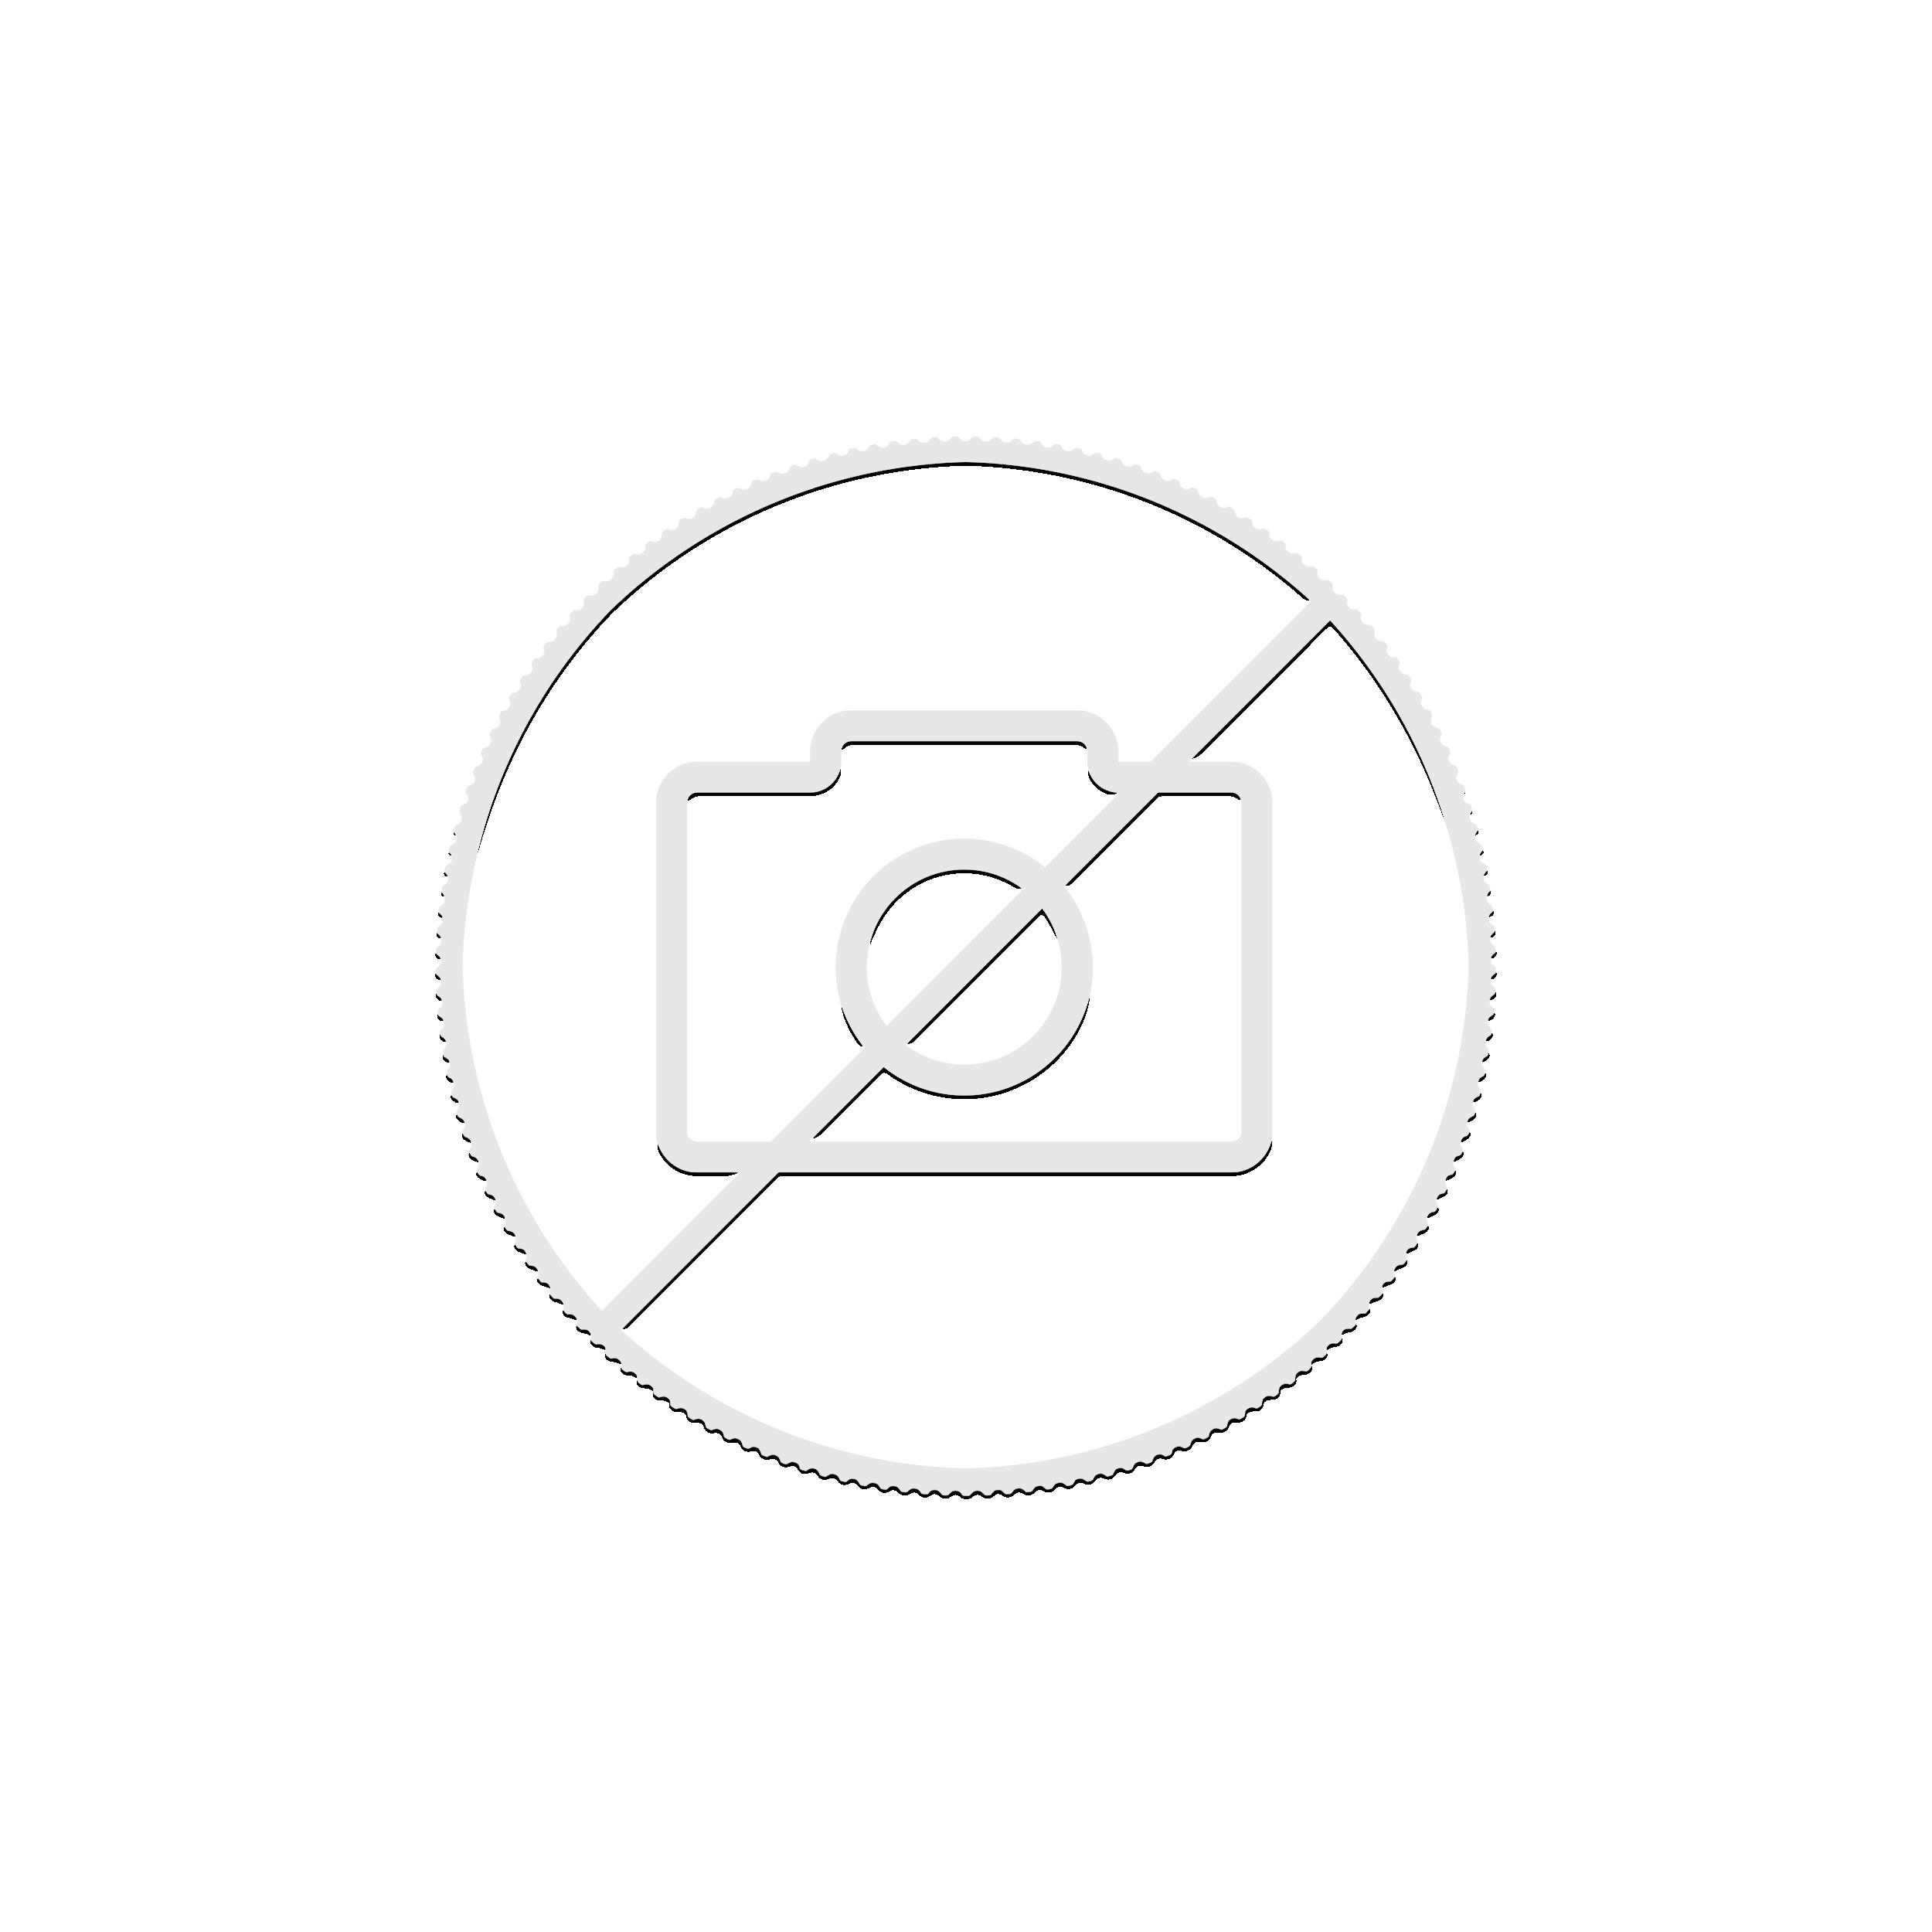 1 troy ounce silver coin Britannia 2021